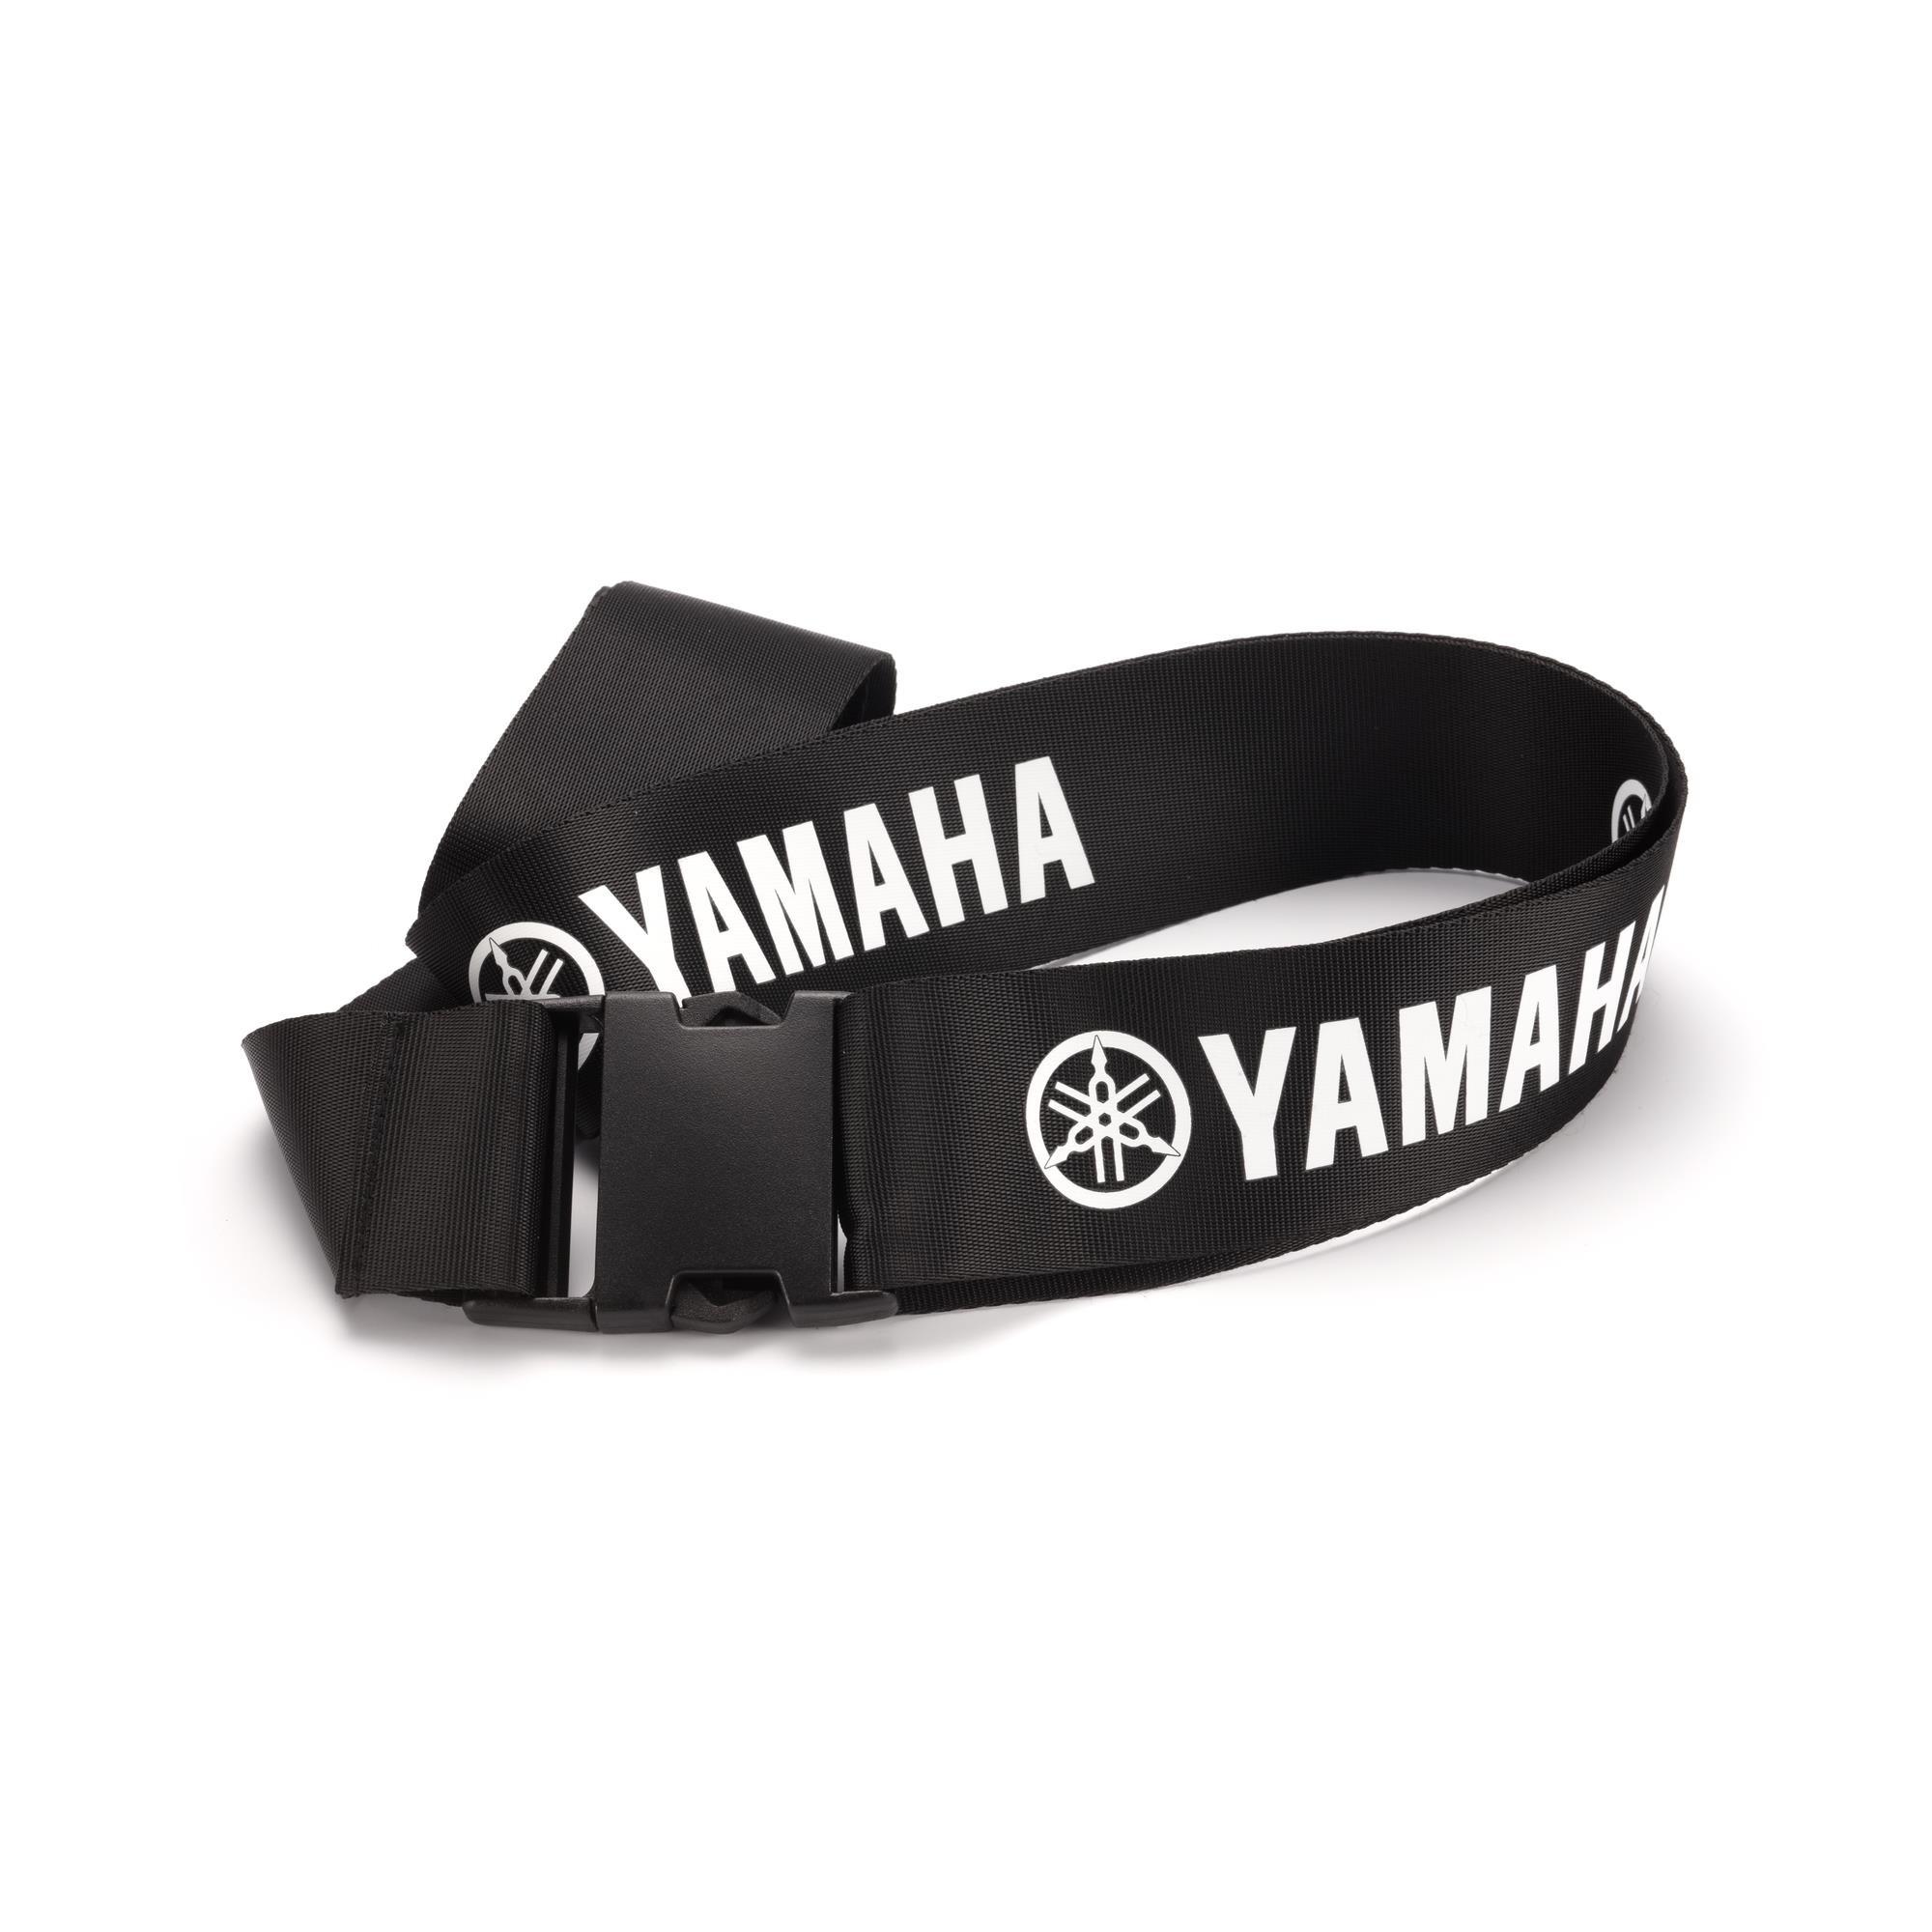 Cinta de seguridad para equipaje Yamaha